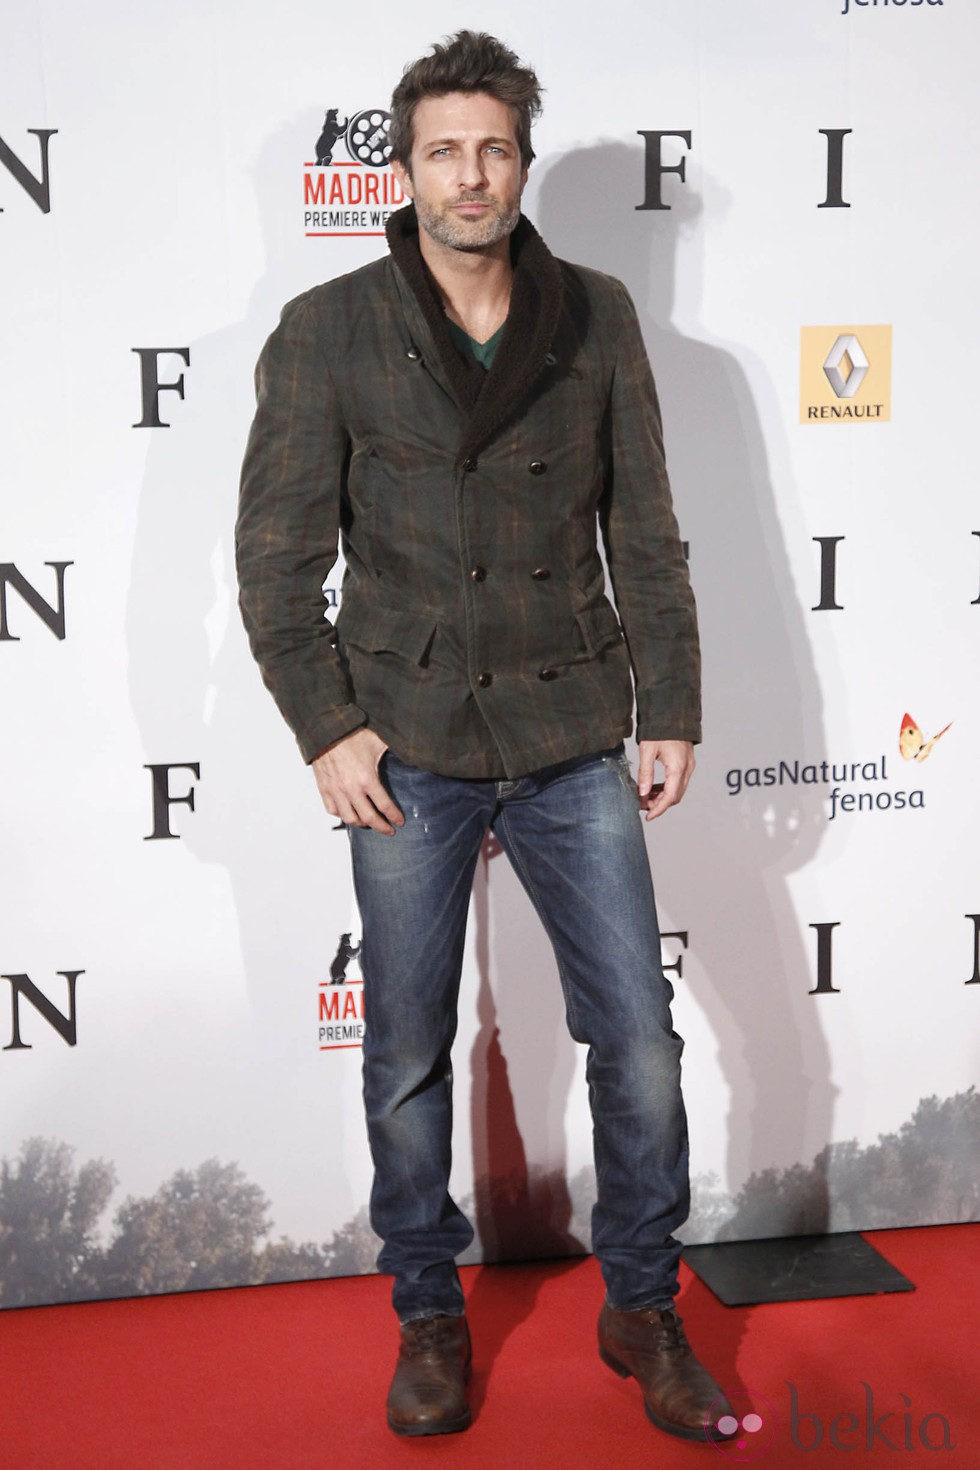 Jesús Olmedo en el estreno de 'Fin' en Madrid